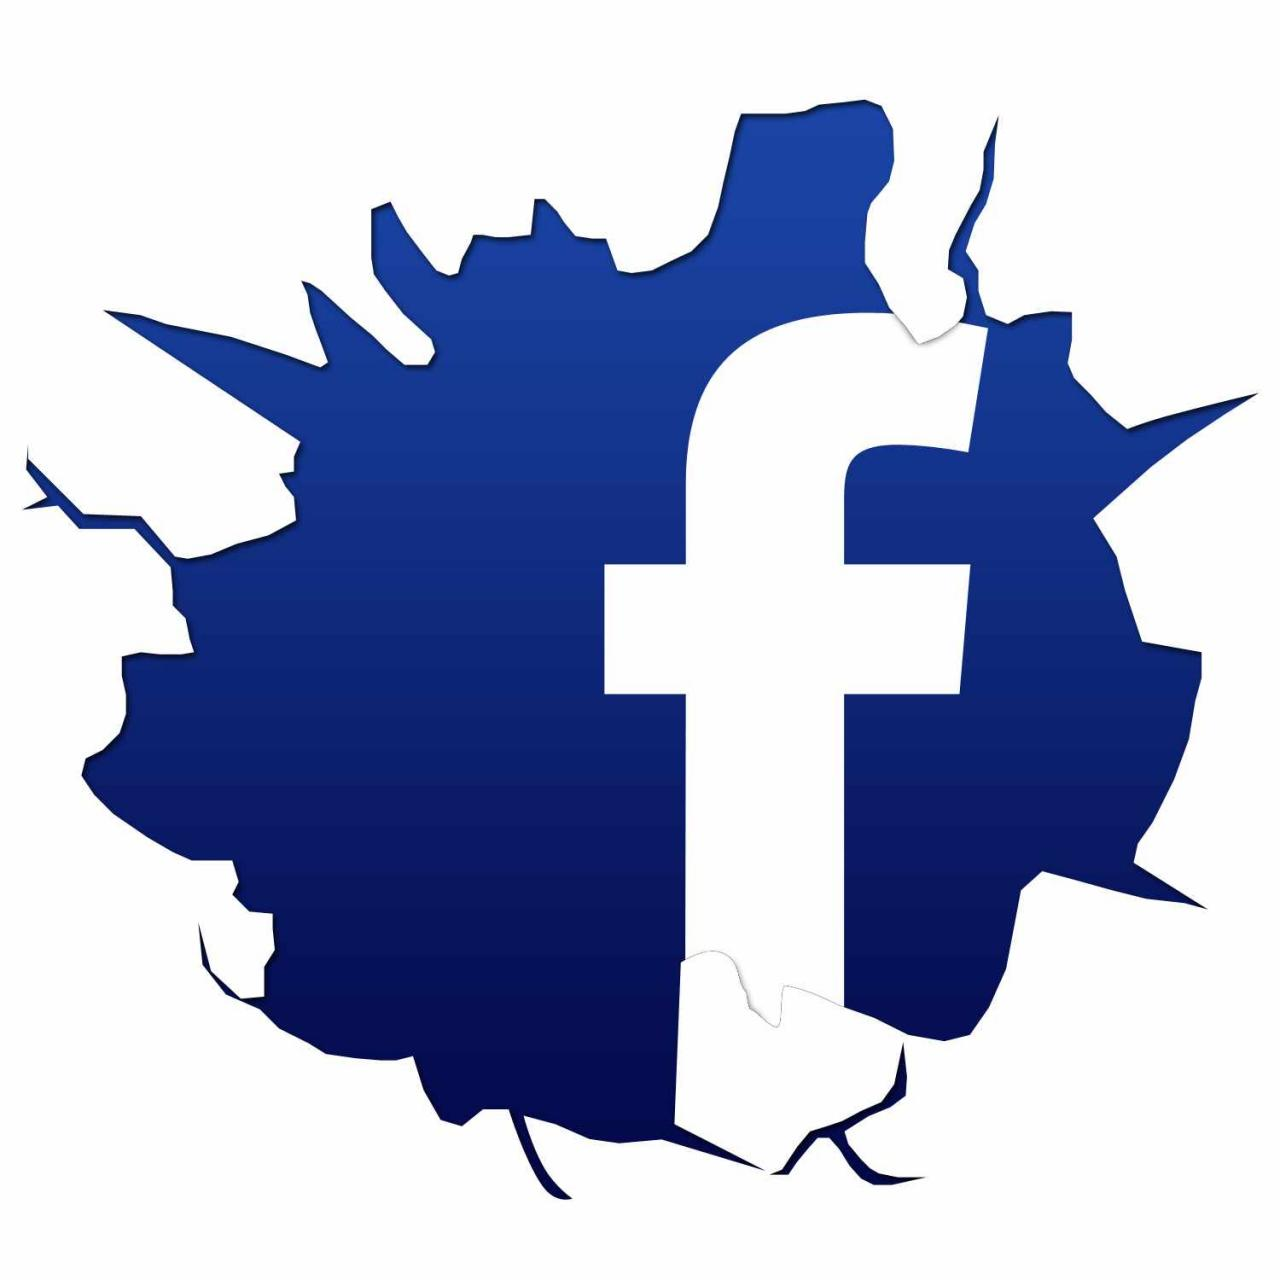 صورة اسماء للفيس بوك جزائرية , الاسماء الجذابة والمستعارة